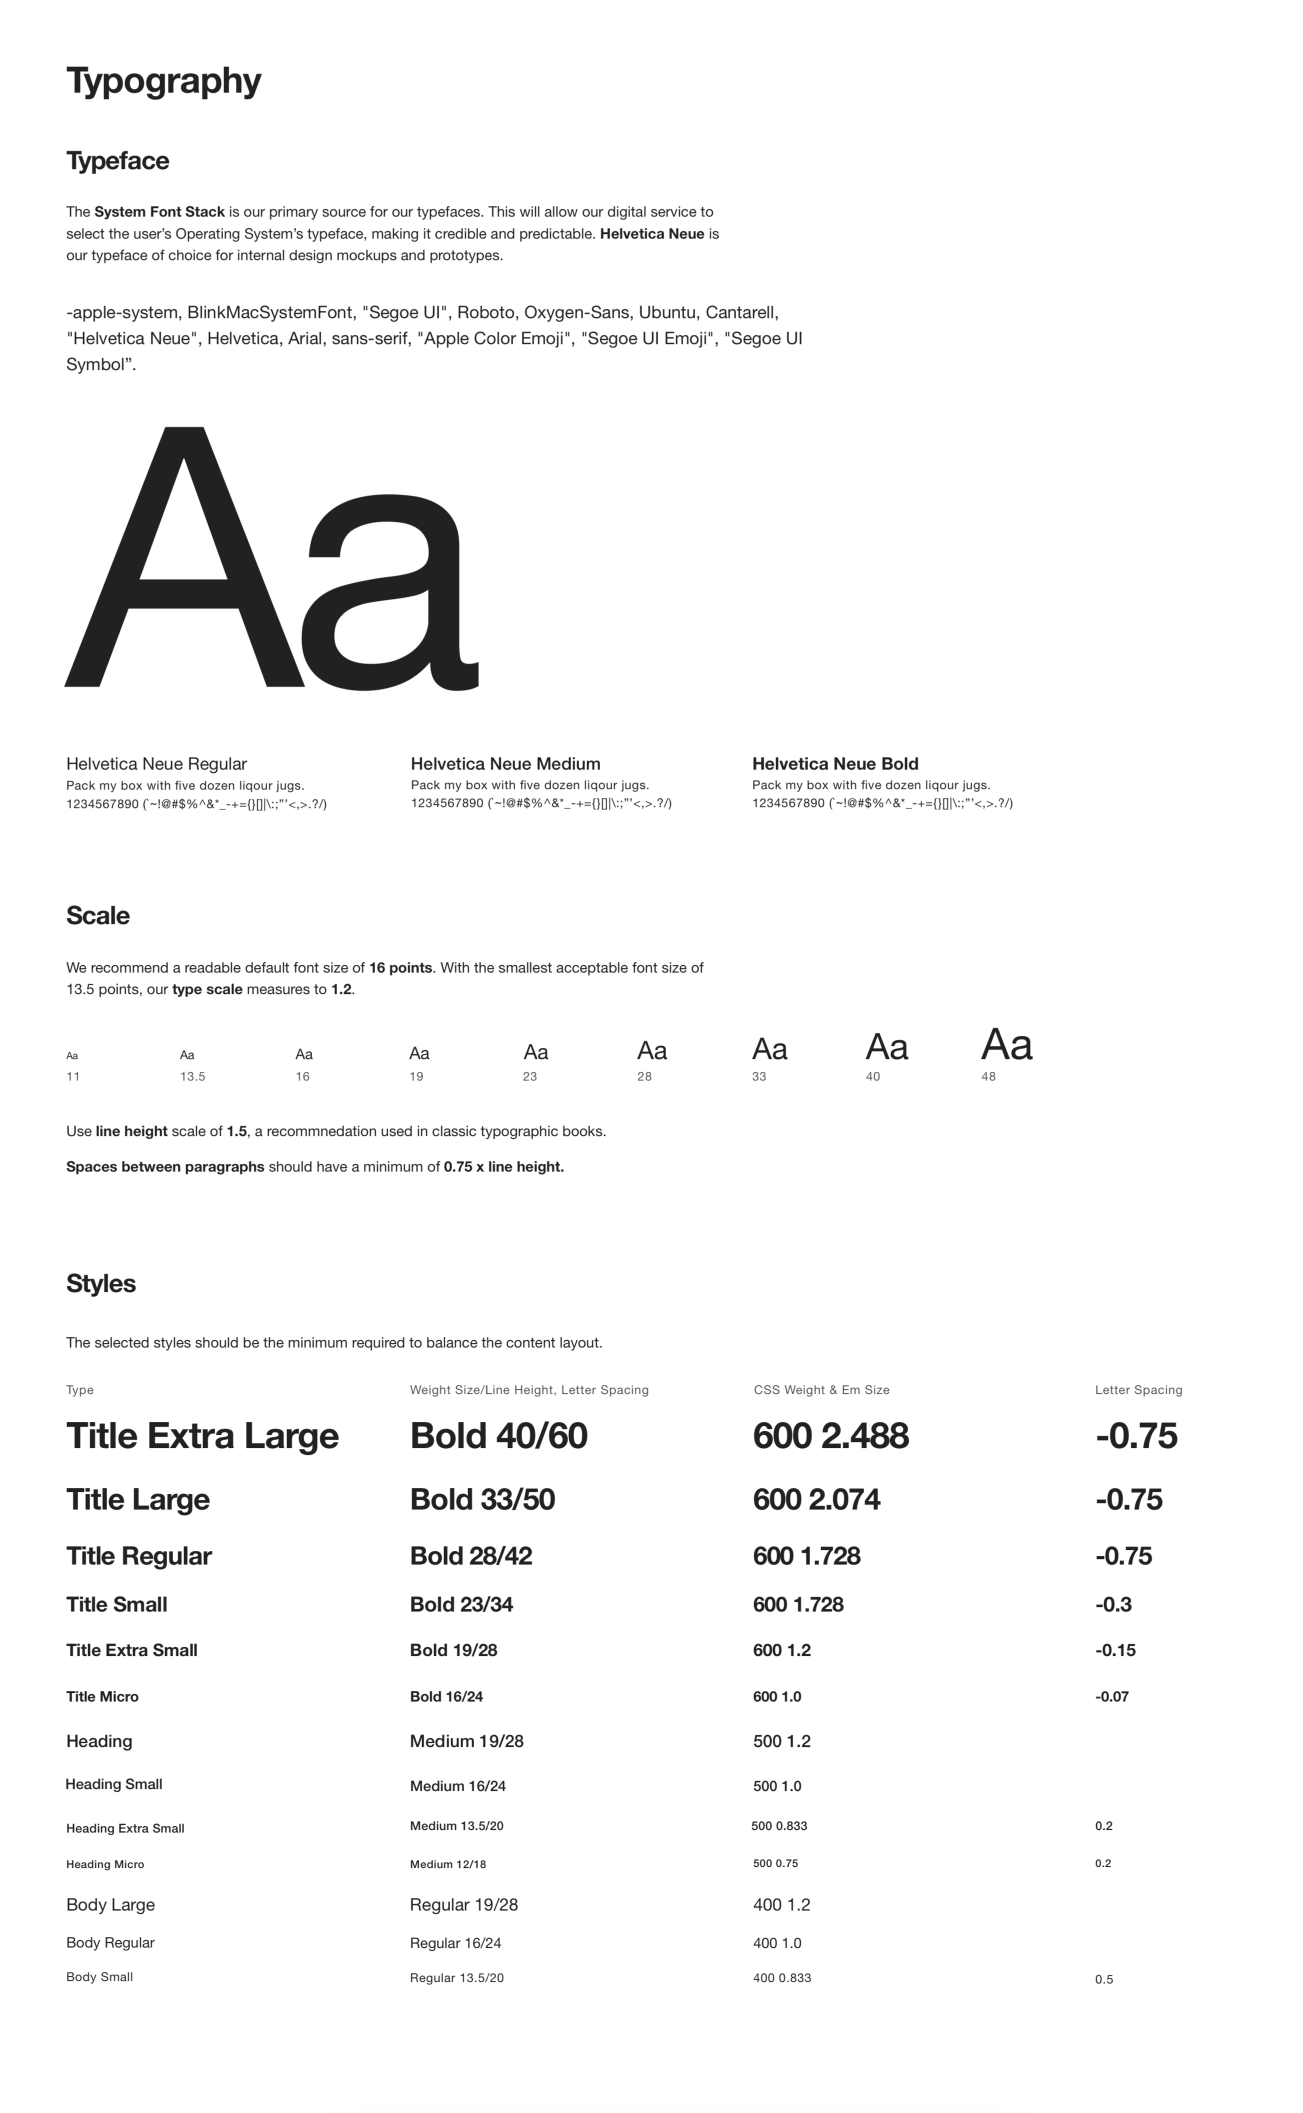 elmo-eds-ux-typography